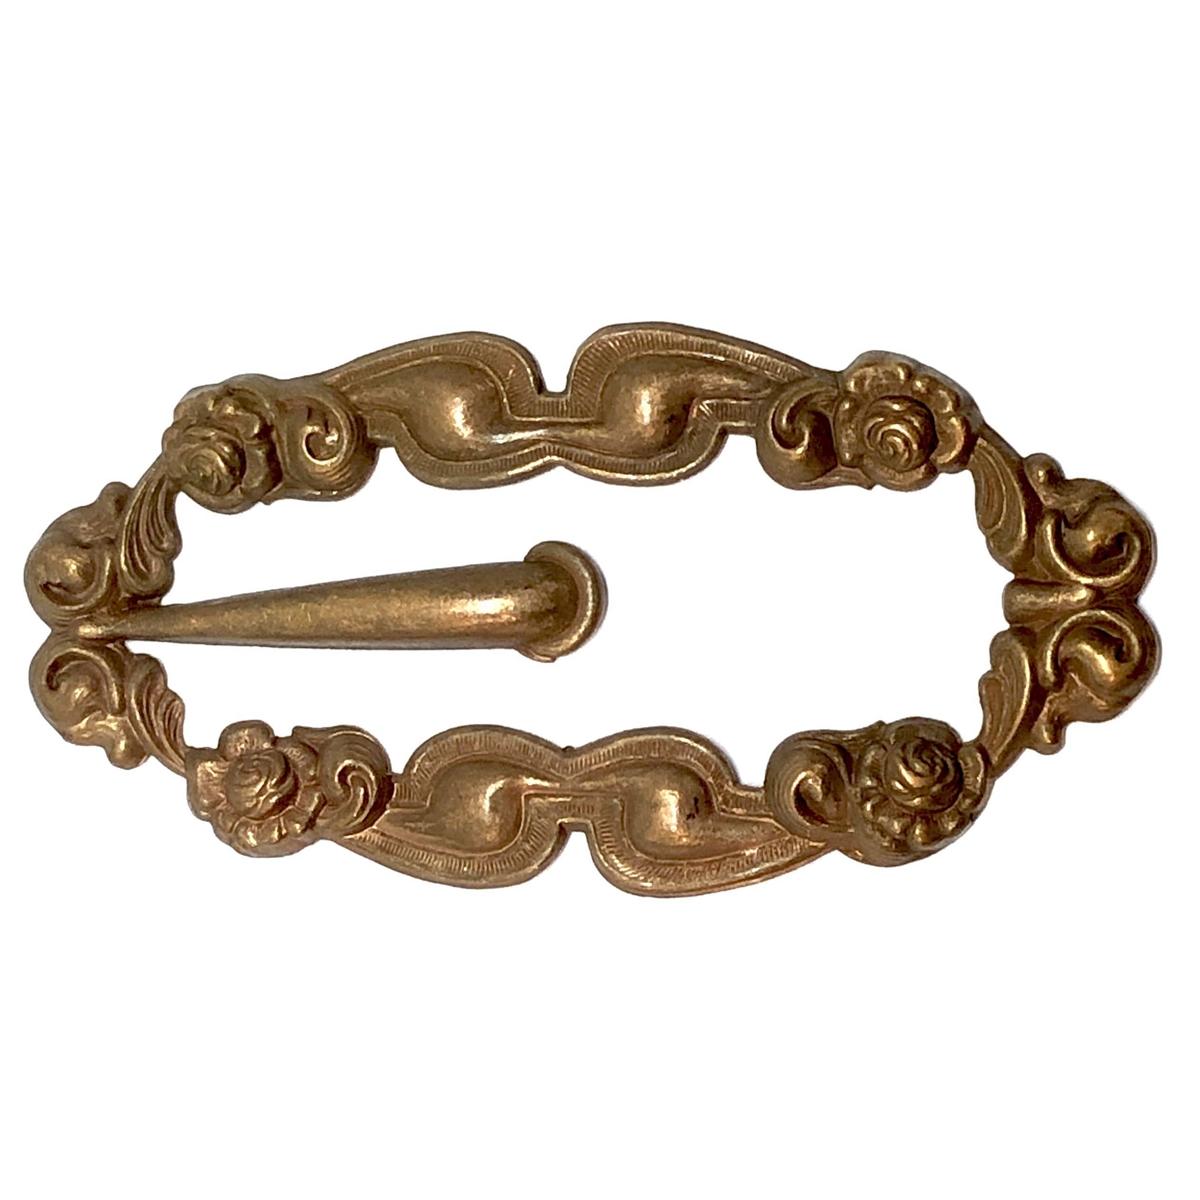 Vintage brass buckle, brass floral frame, 06284, nickel free, brass ...